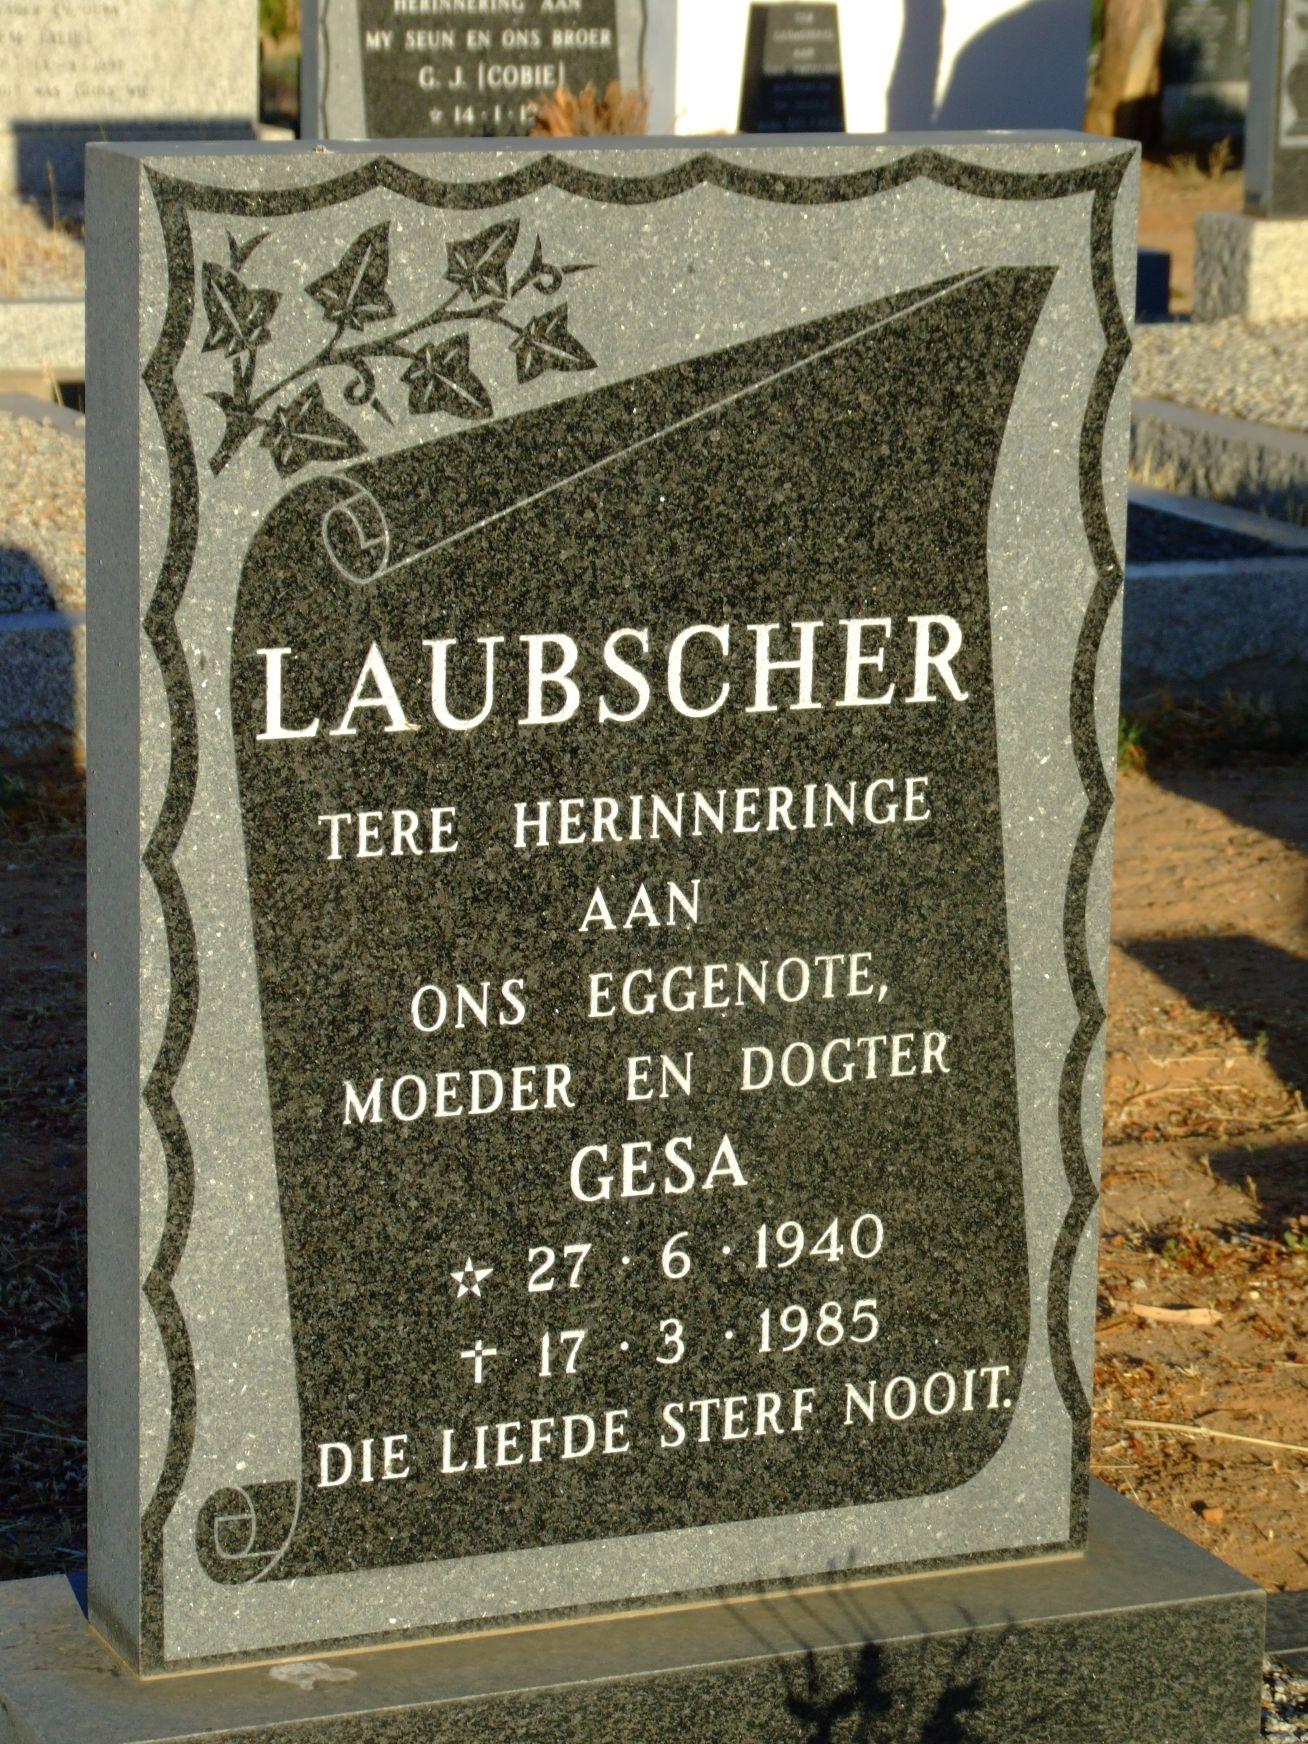 Laubscher, Gesa